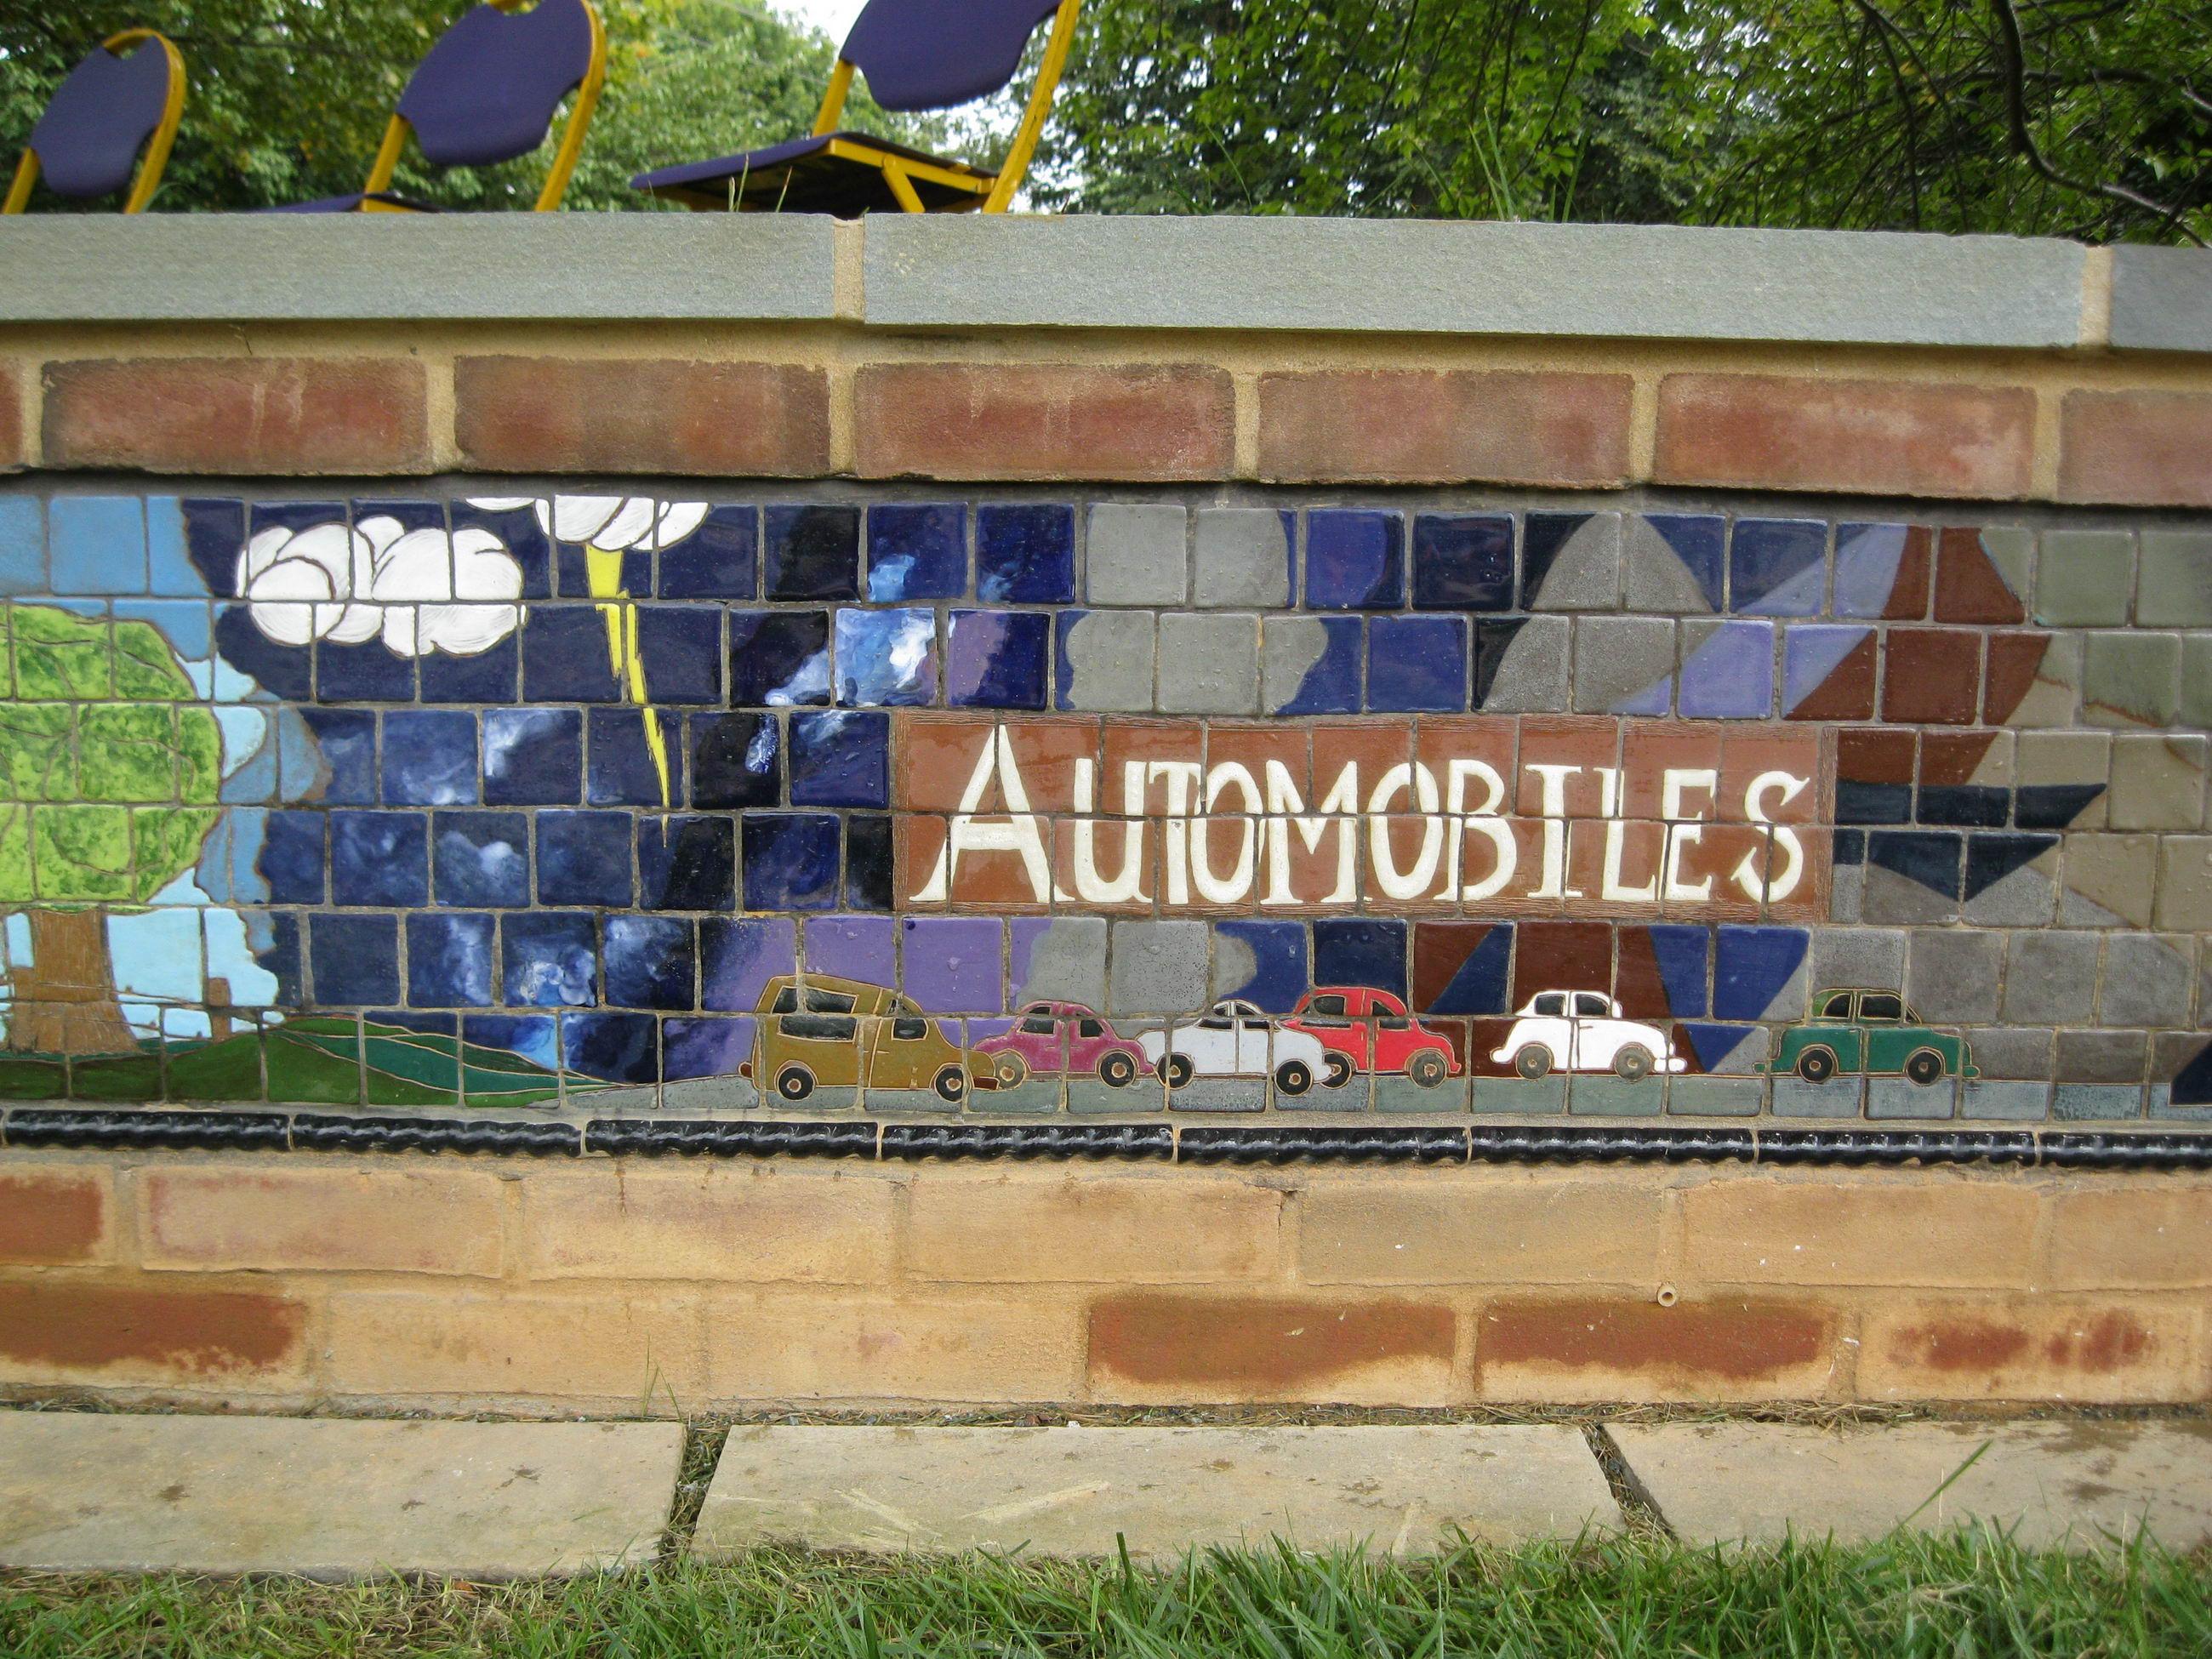 Automobiles - 2